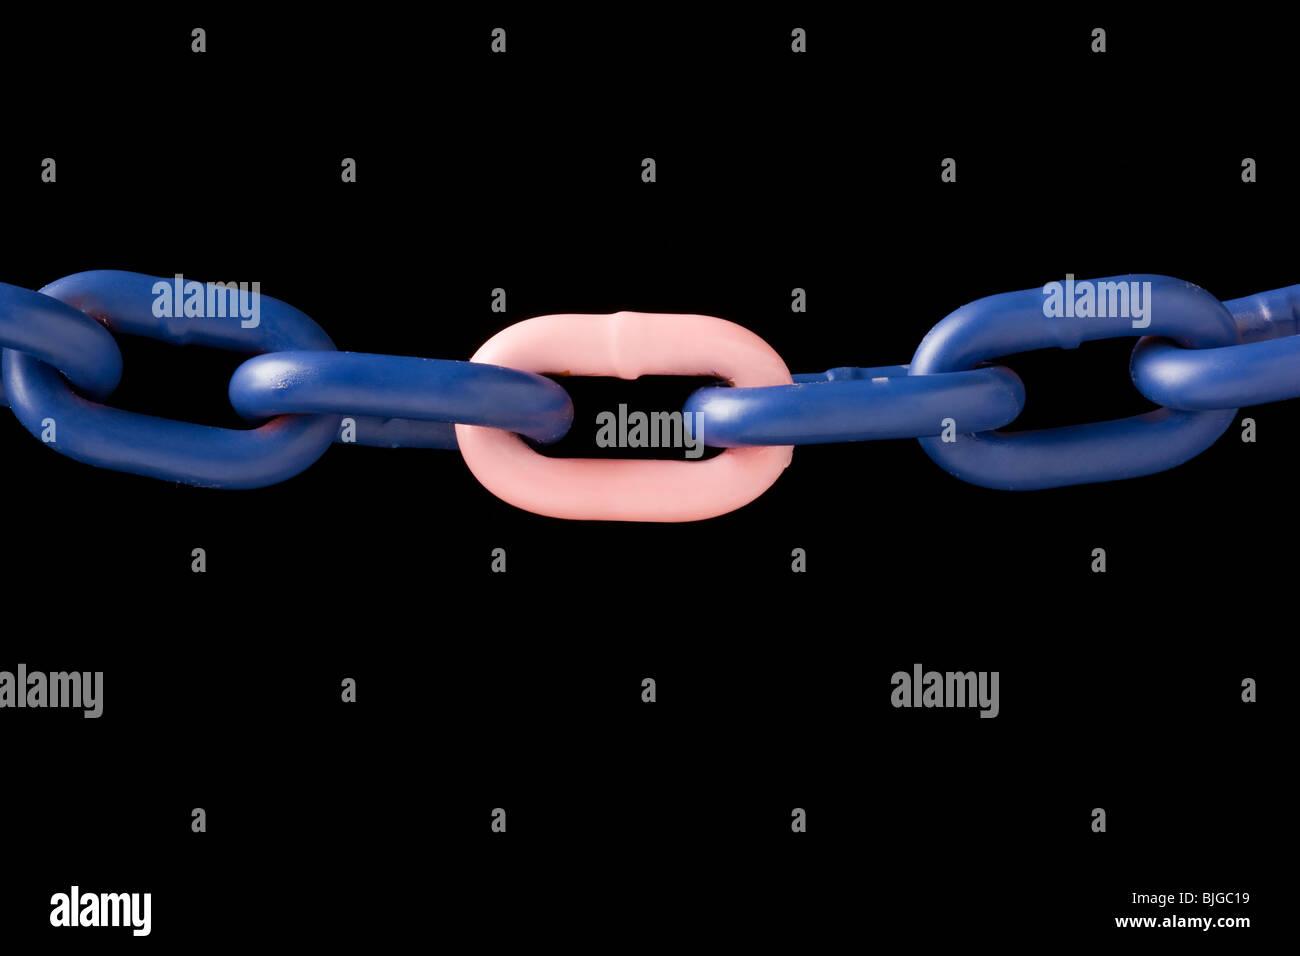 Rosa enlace en una cadena azul Imagen De Stock